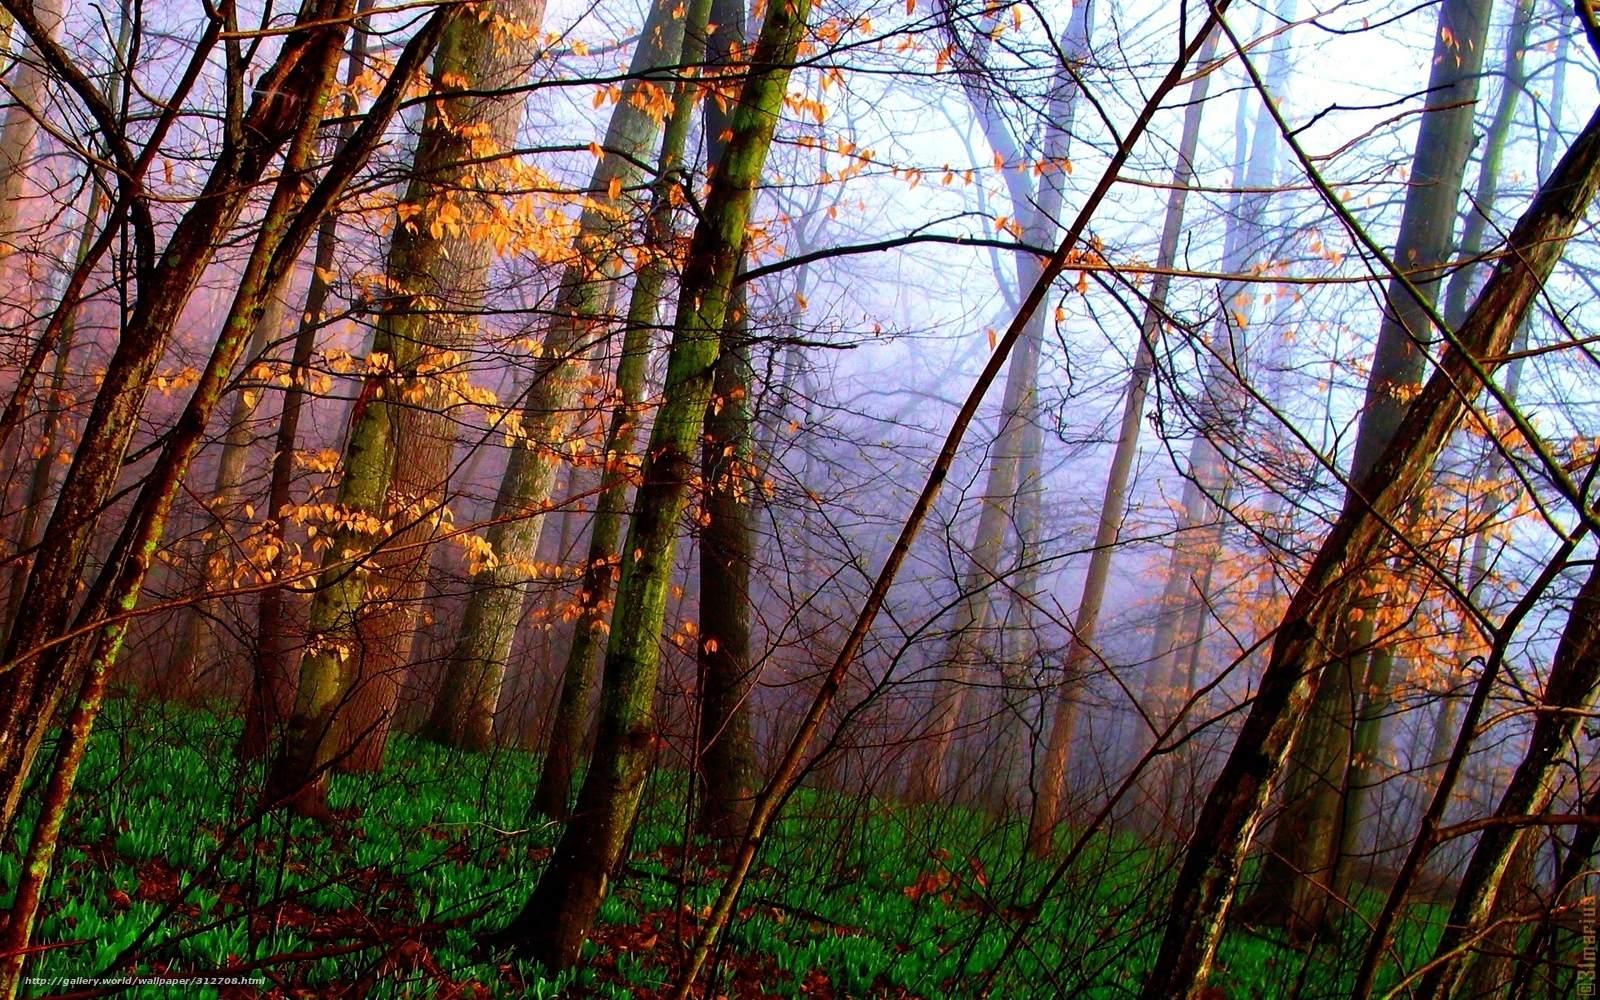 Картинка осенний лес - 8e1